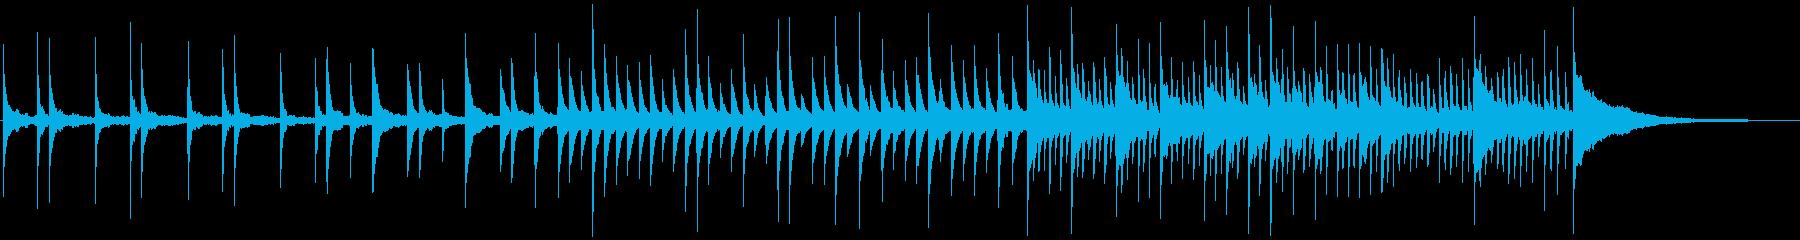 切なく悲しげなソロピアノ・ゆっくりの再生済みの波形